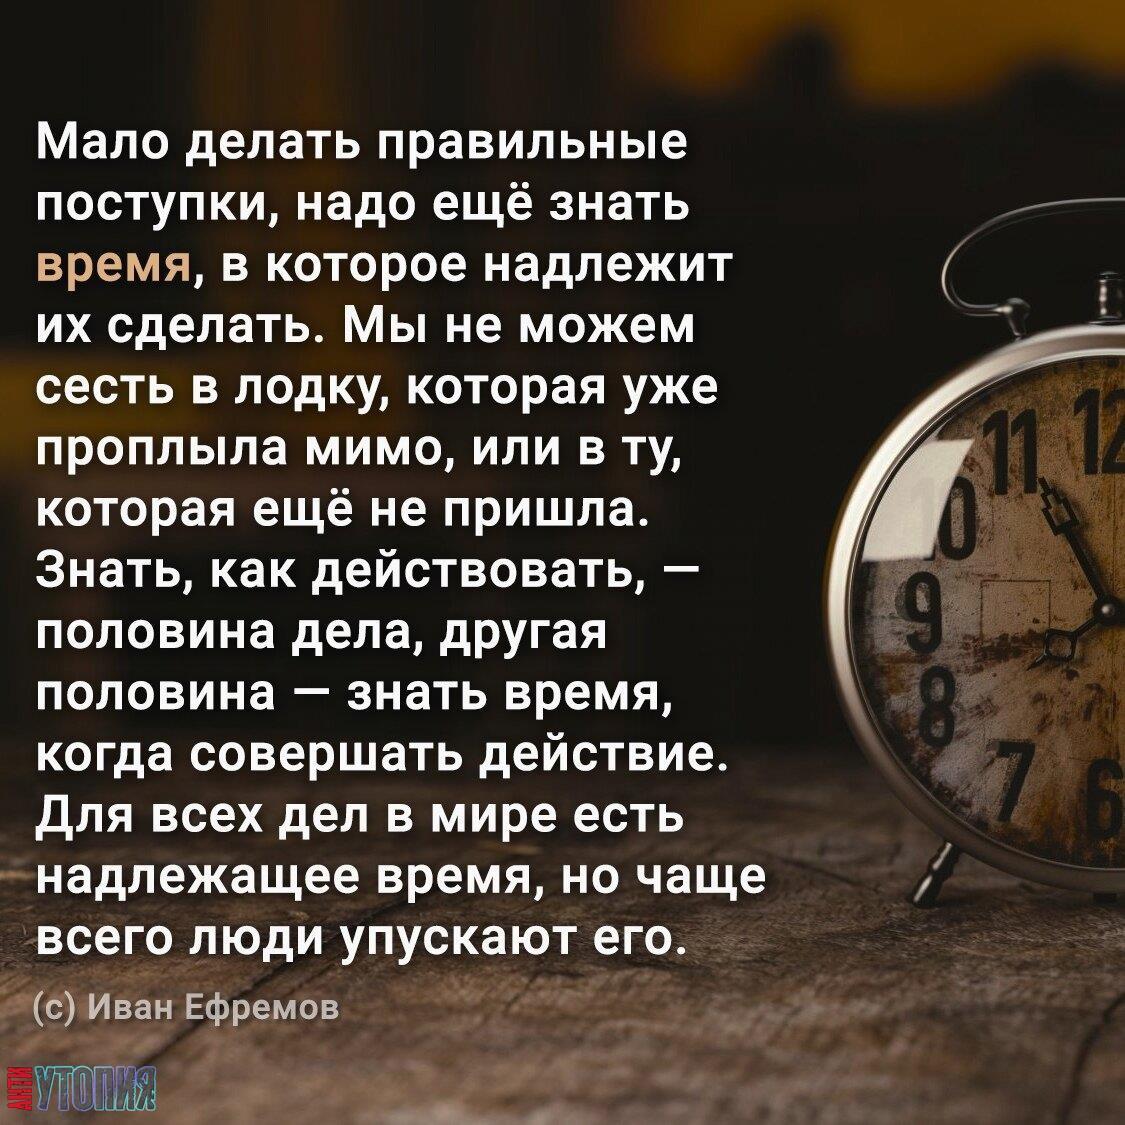 АНТИУТОПИЯ  УТОПИЯ 178197